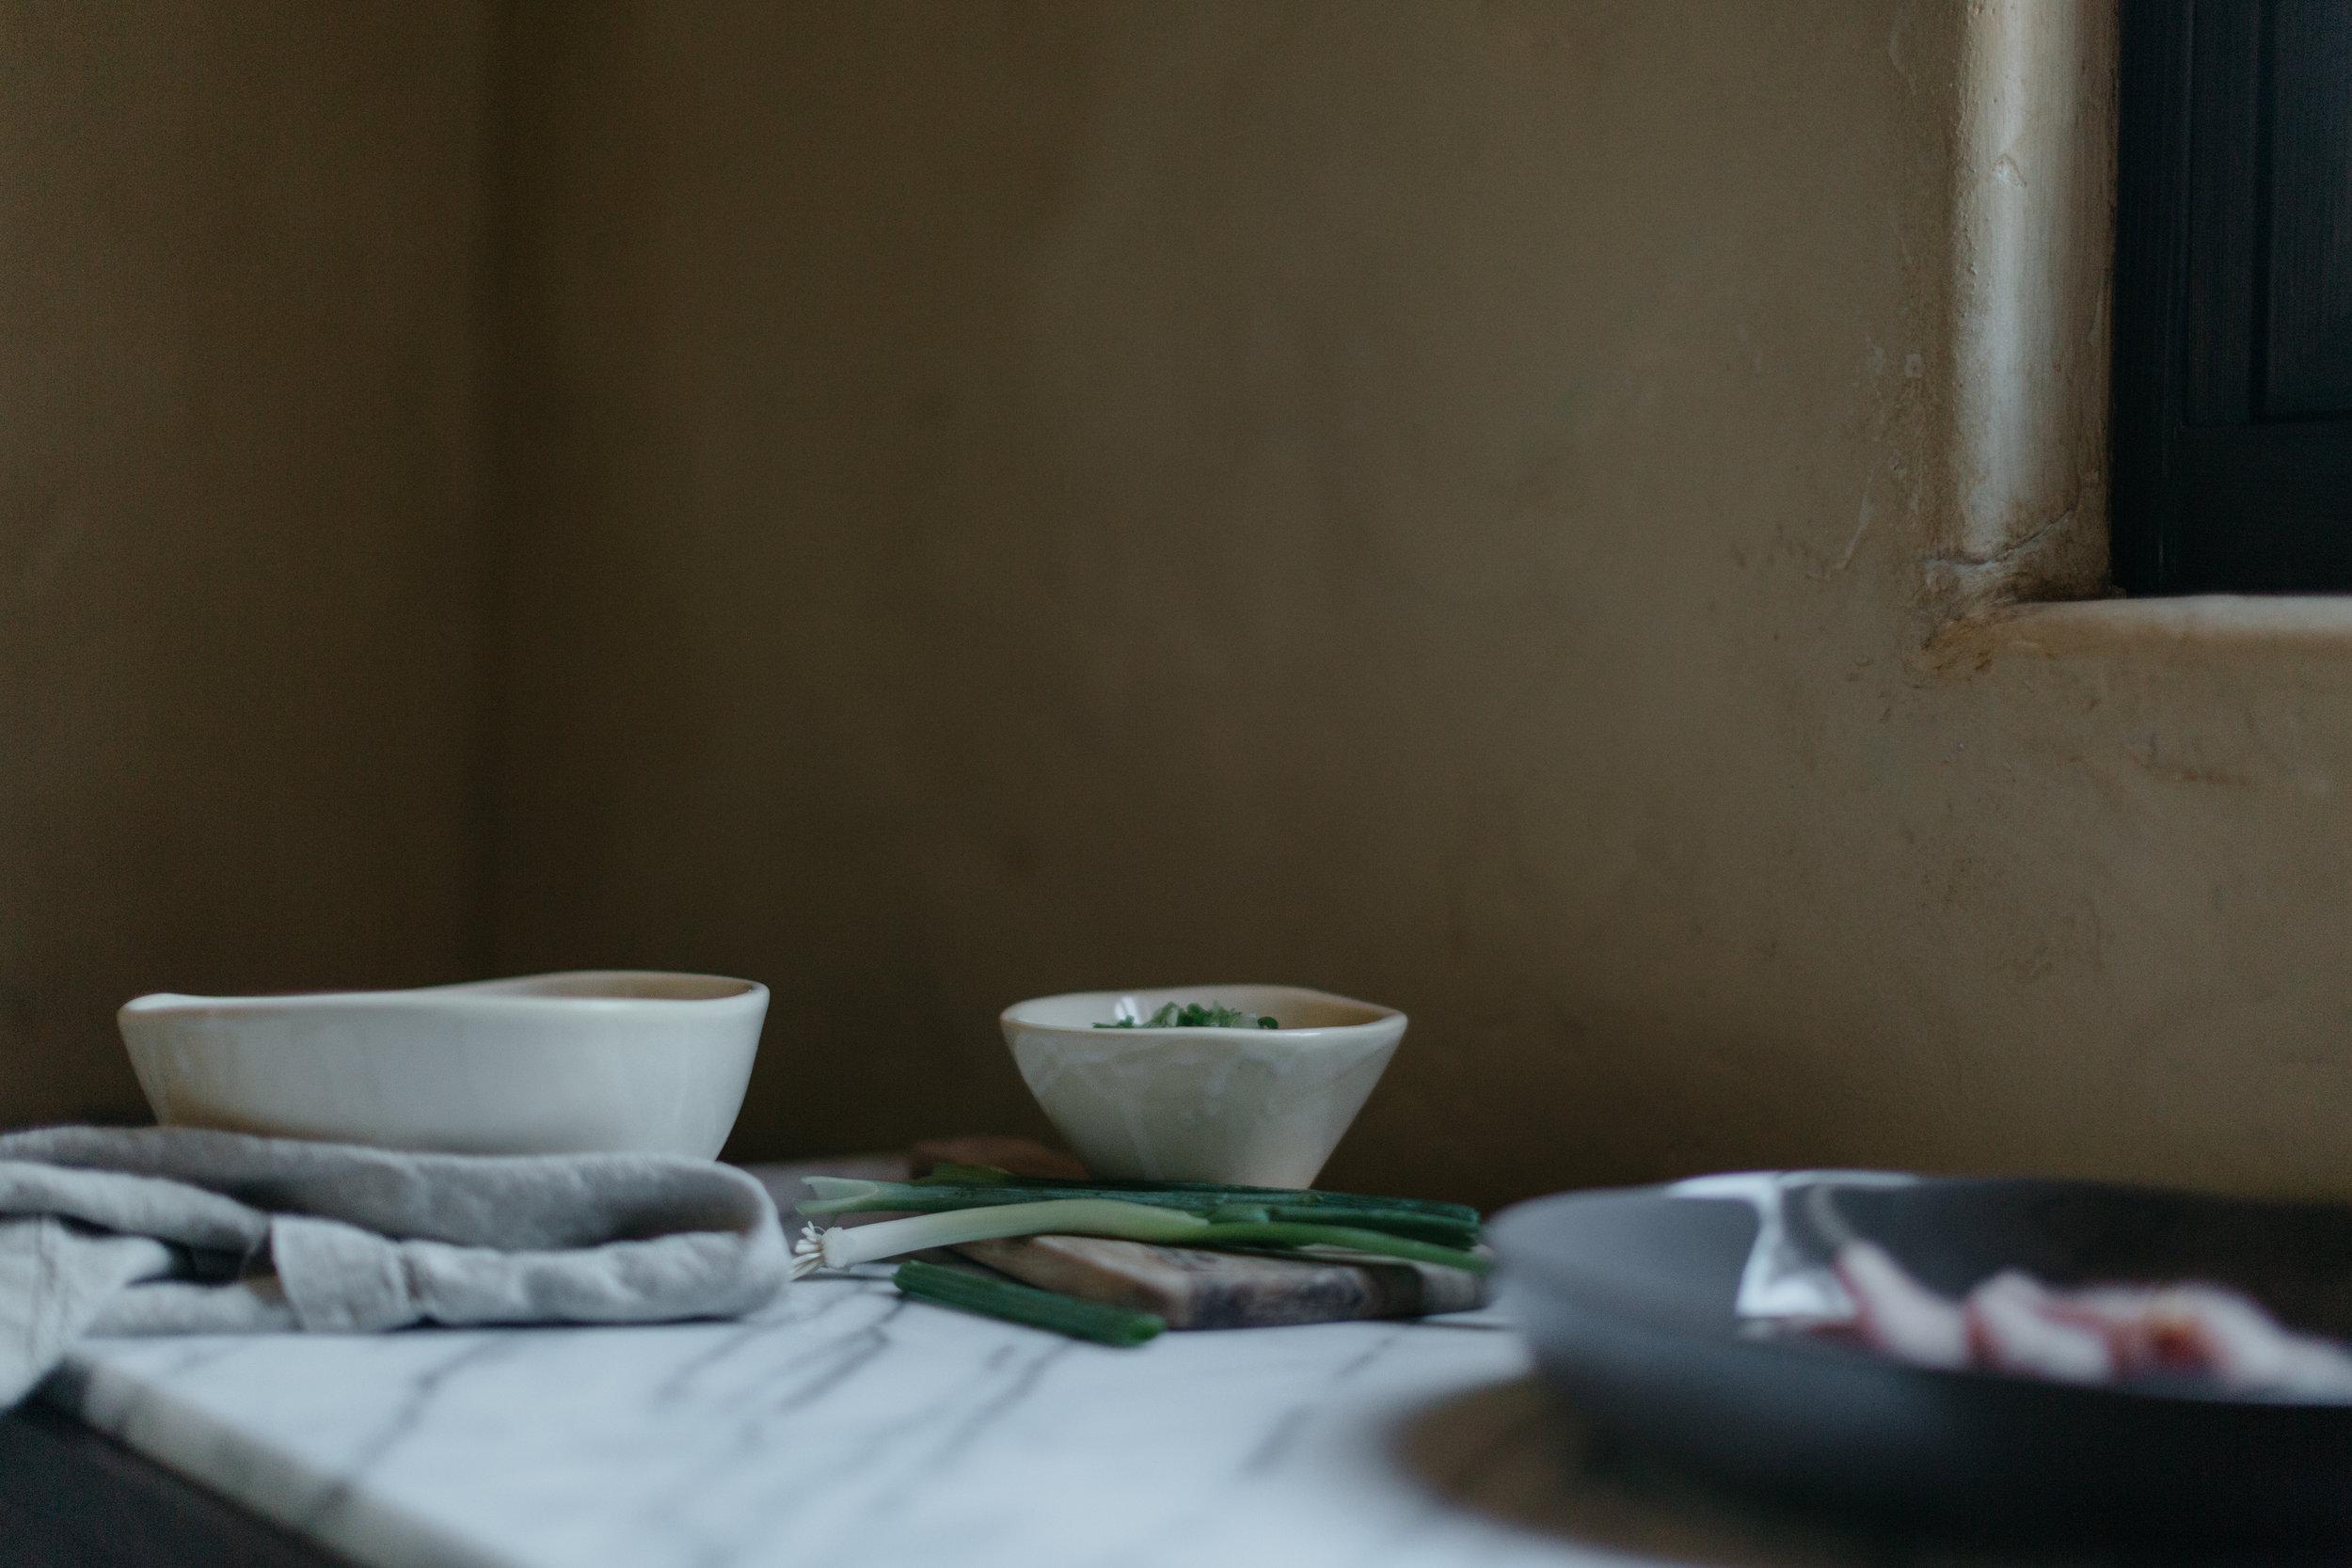 Food-Lifestyle-Photography-Anna-Howard-0001-3.jpg